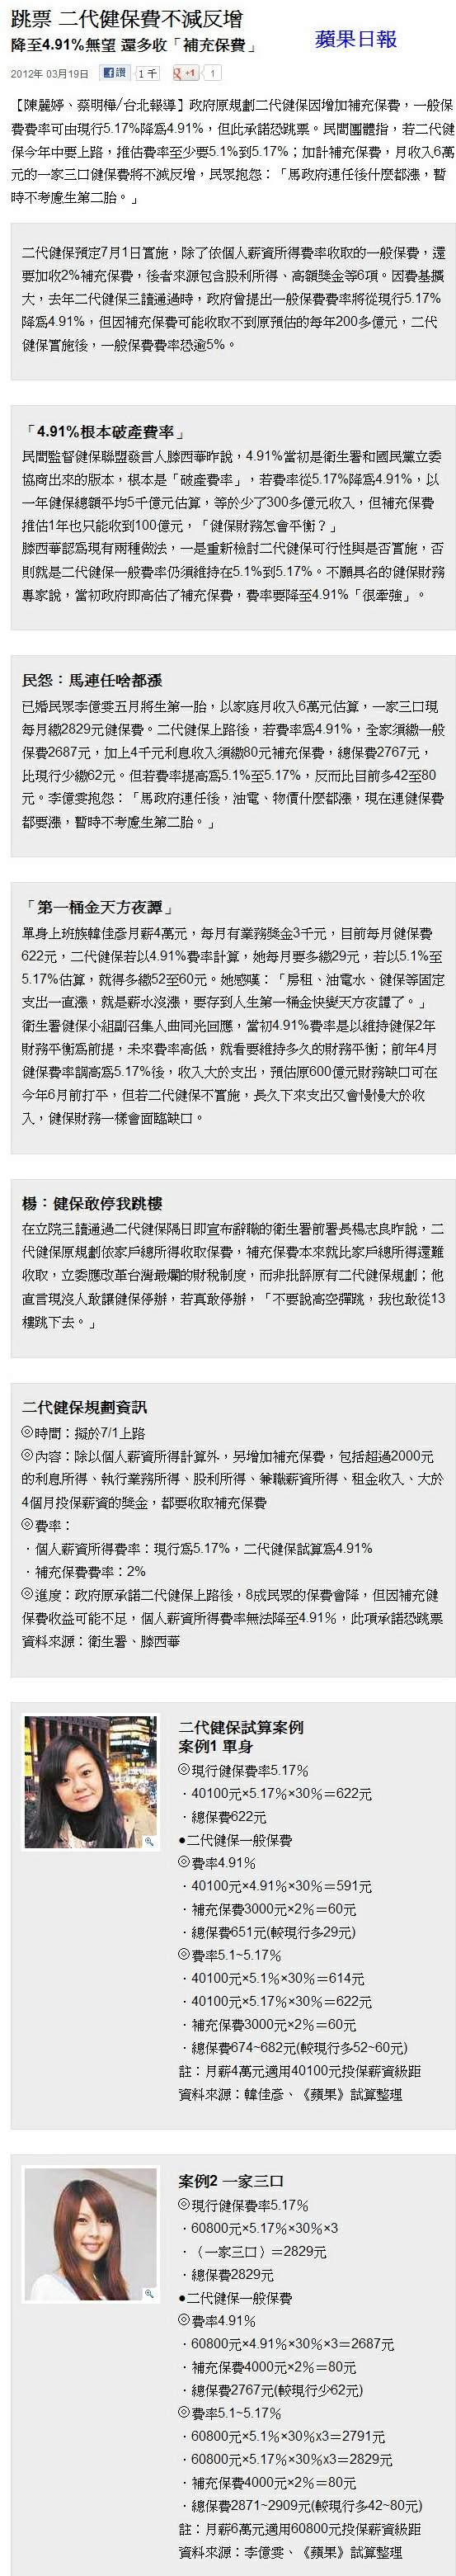 跳票 二代健保費不減反增-2012.03.19